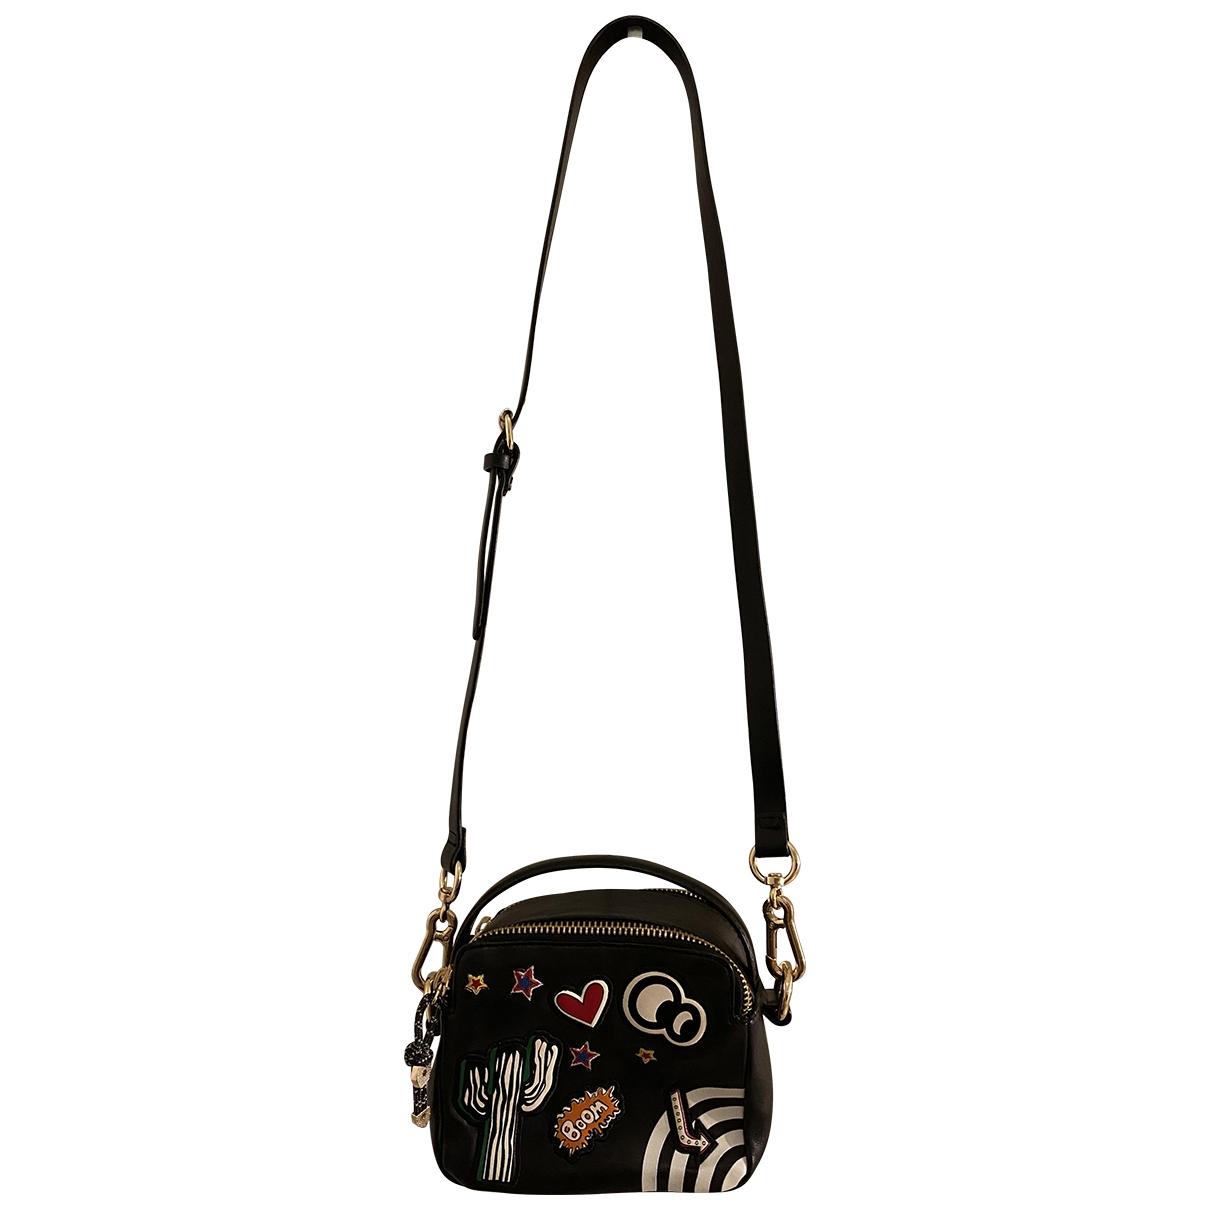 Bolsos clutch en Plastico Negro Zara